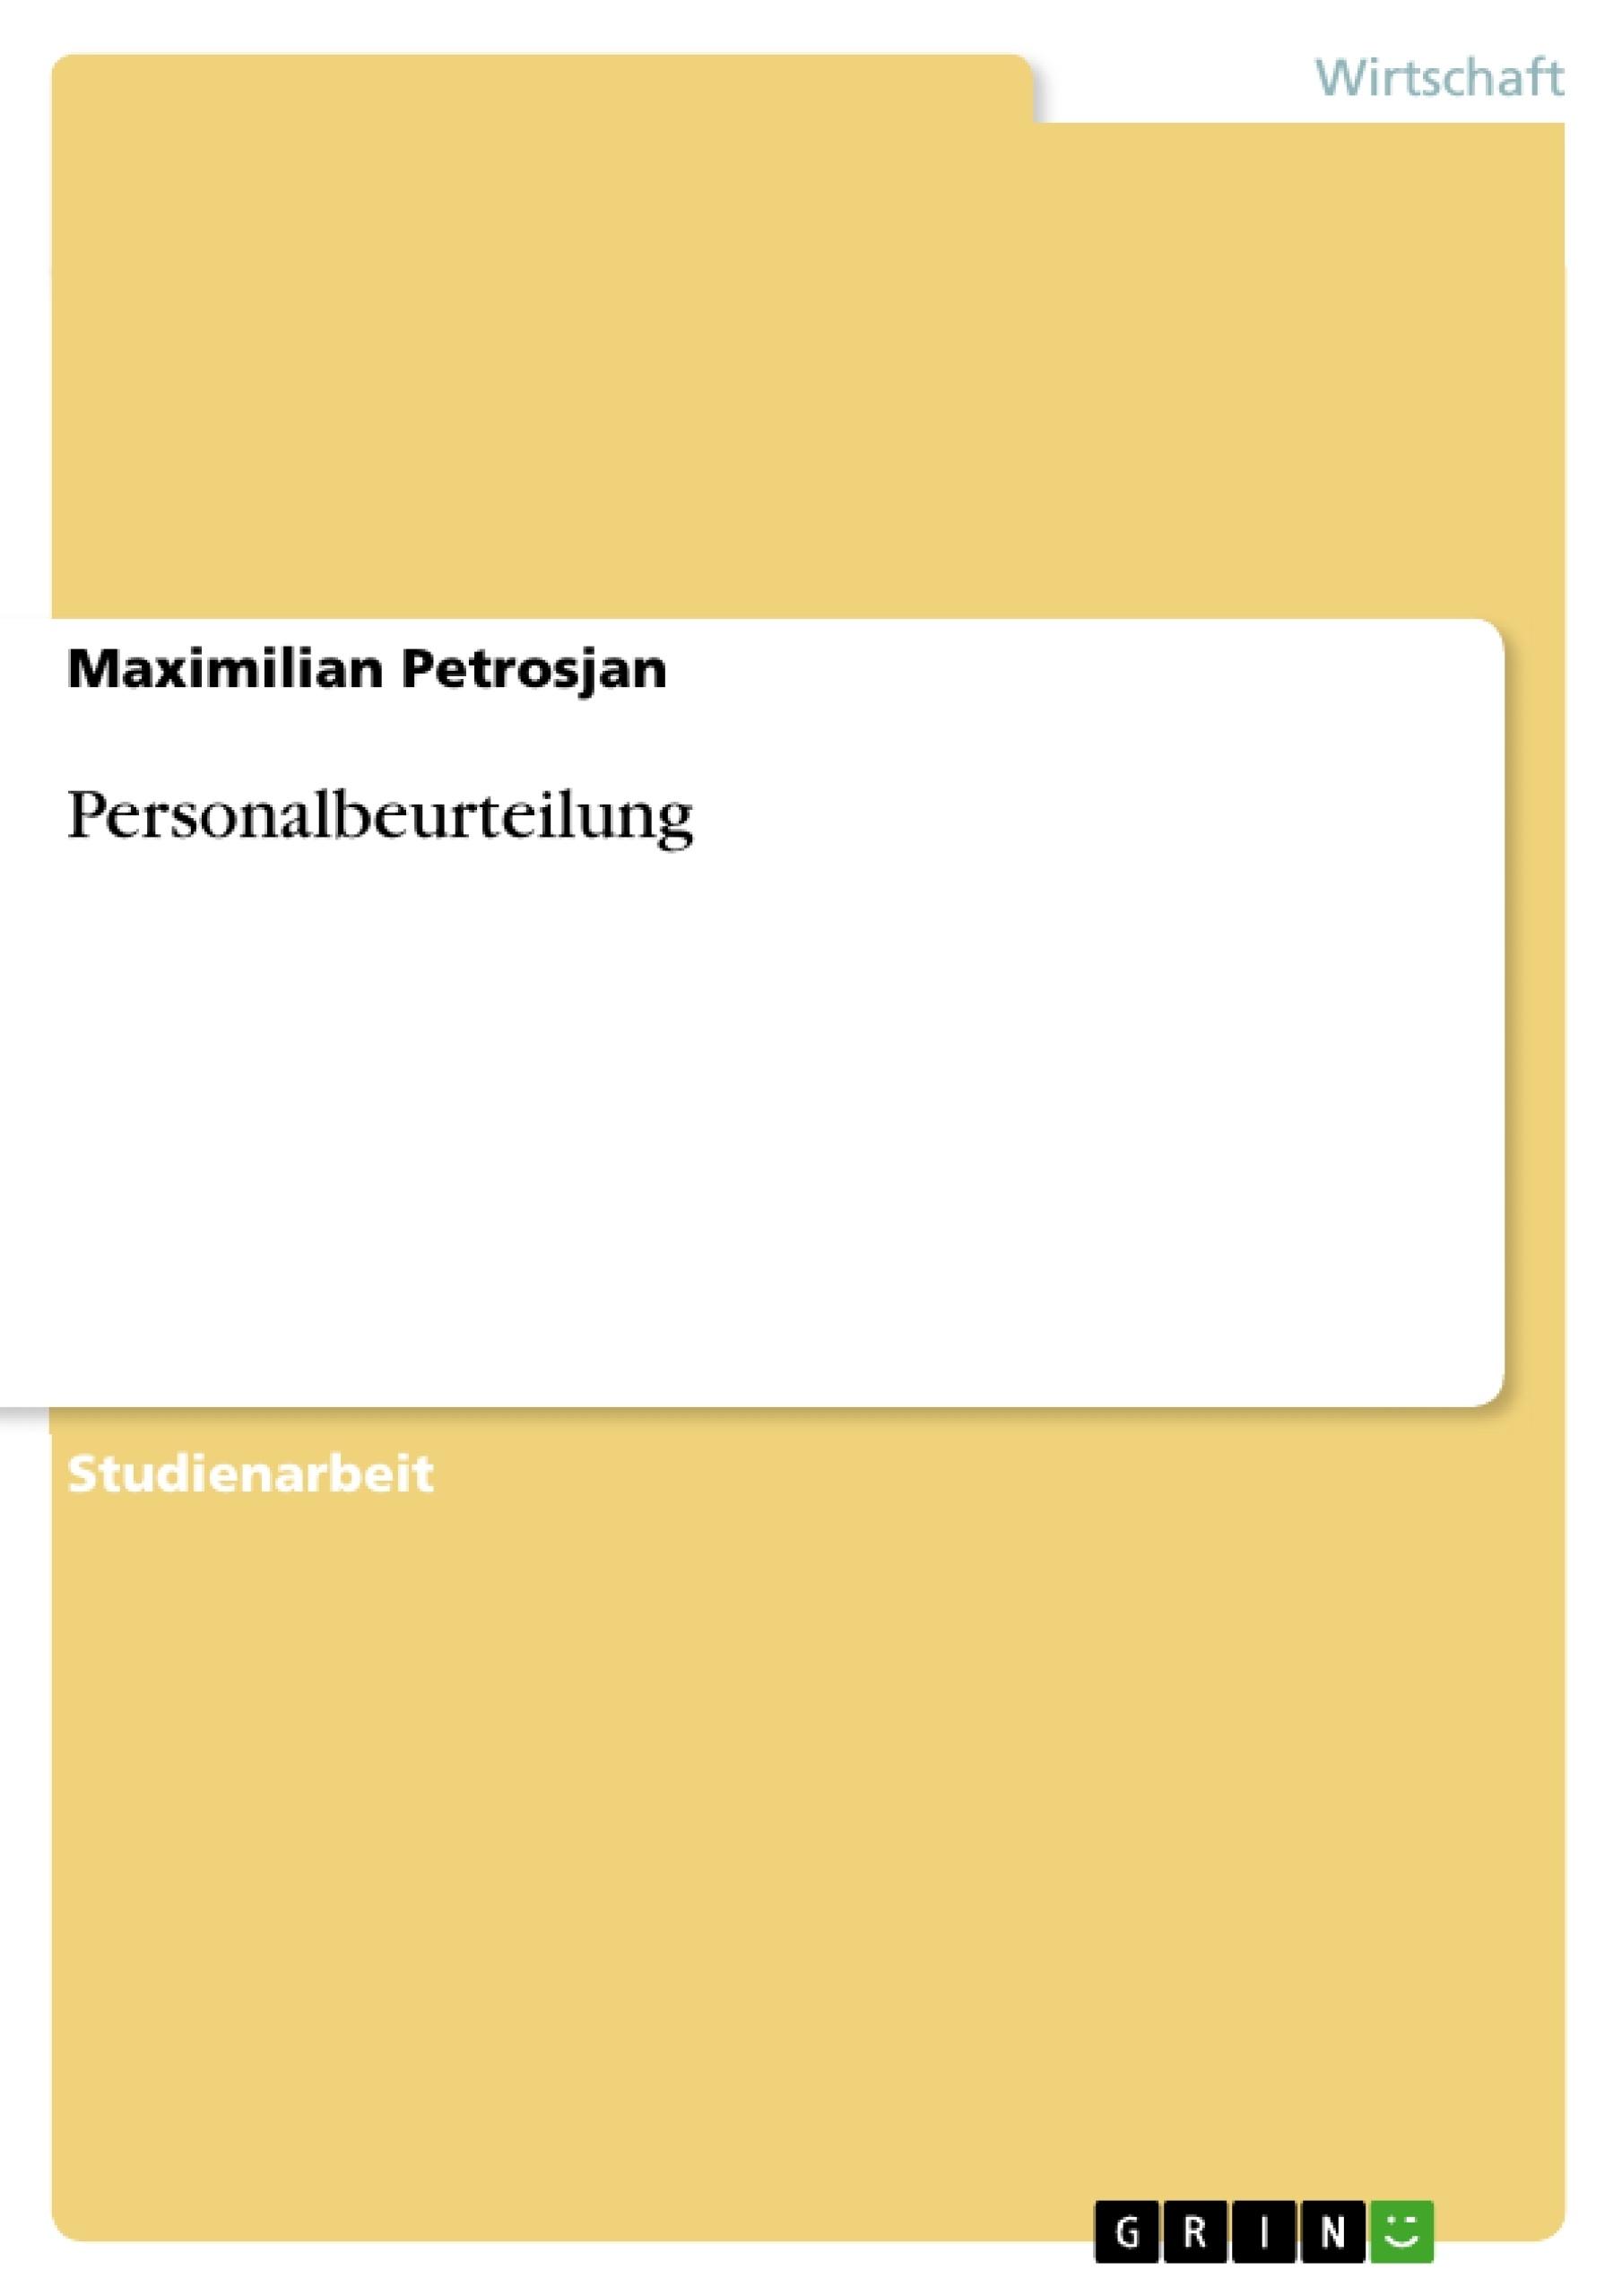 Personalbeurteilung   Masterarbeit, Hausarbeit, Bachelorarbeit ...